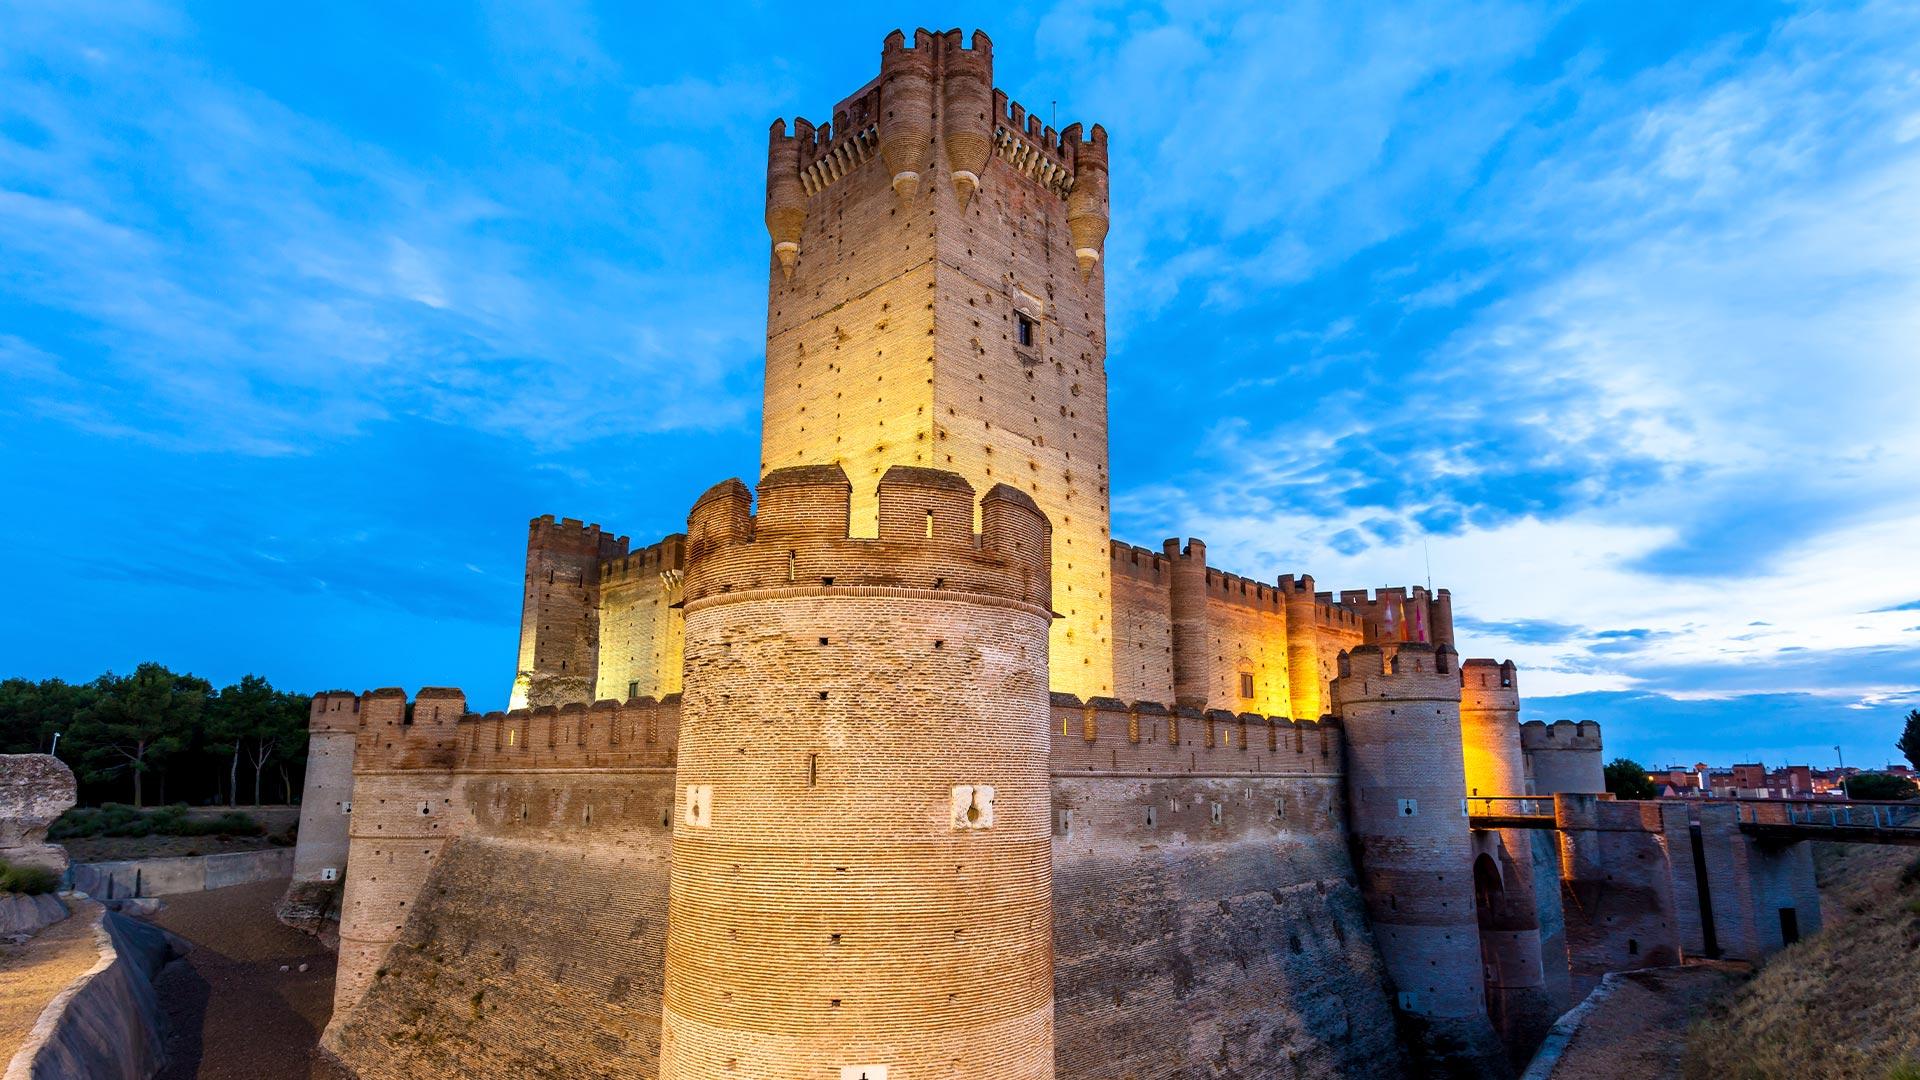 Castillo - FOTOS y VÍDEOS 360 para descargar - Descargas360.com